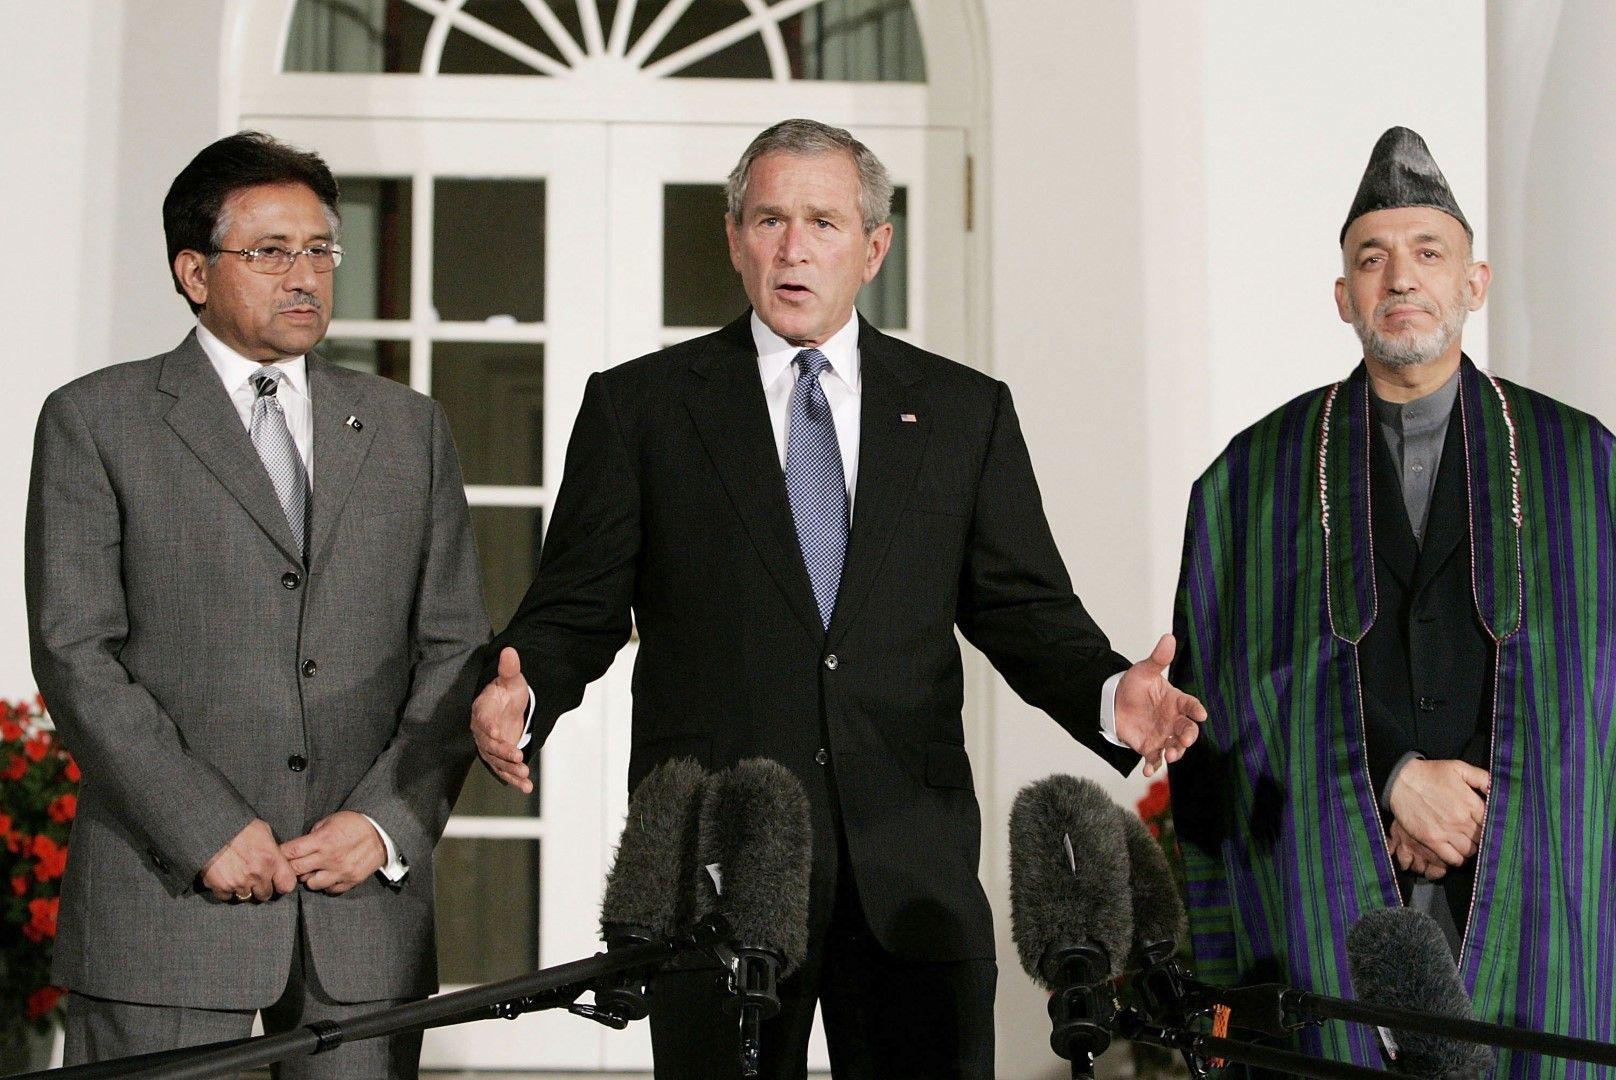 Американският президент Джордж Уокър Буш приема президентите на Пакистан и Афганистан - Первез Мушараф и Хамид Карзай, в Белия дом на 27 септември 2006 г.